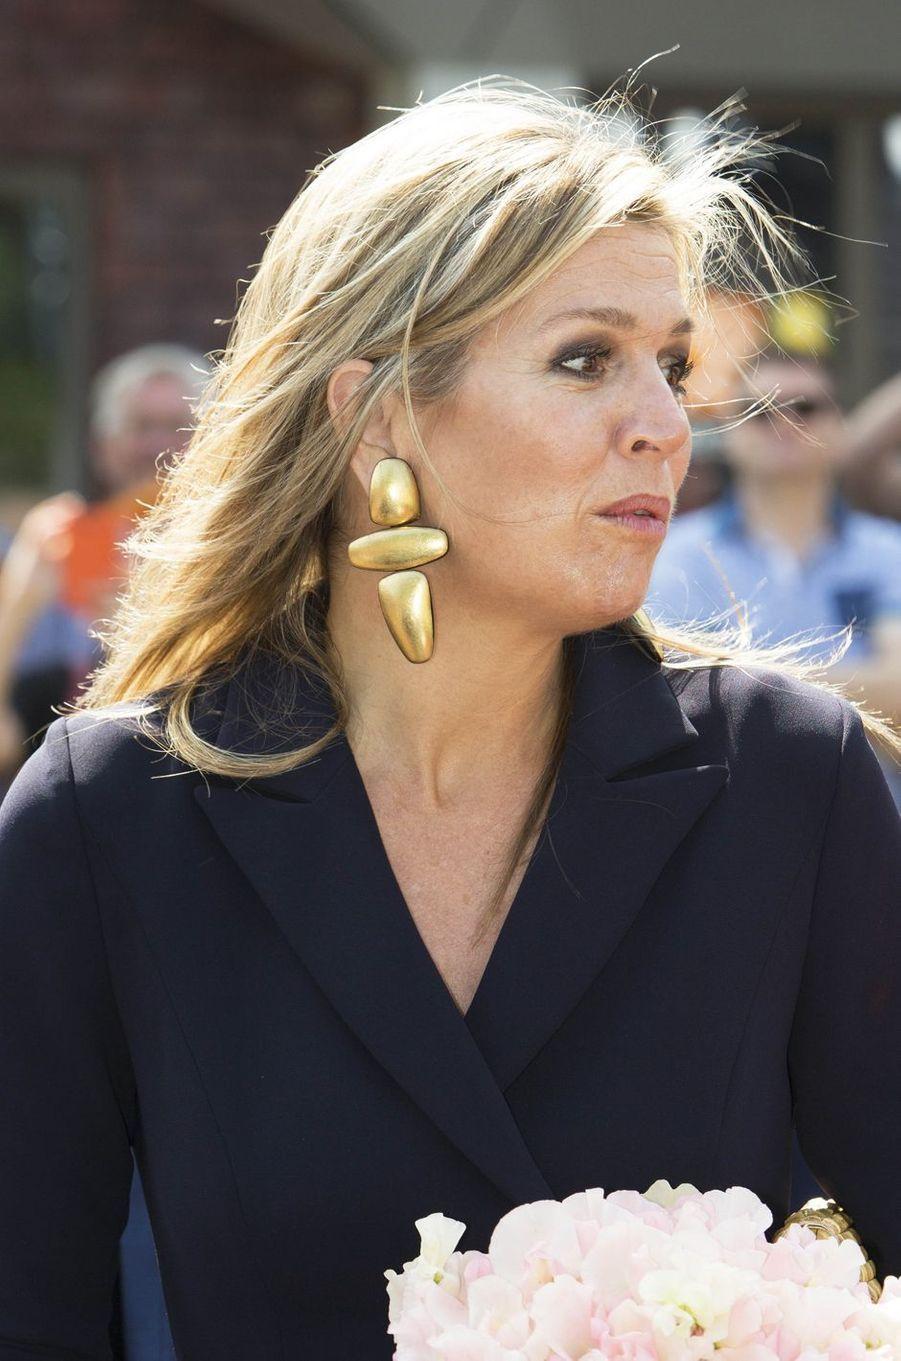 Les boucles d'oreille de la reine Maxima des Pays-Bas à Zevenaar, le 27 juin 2018